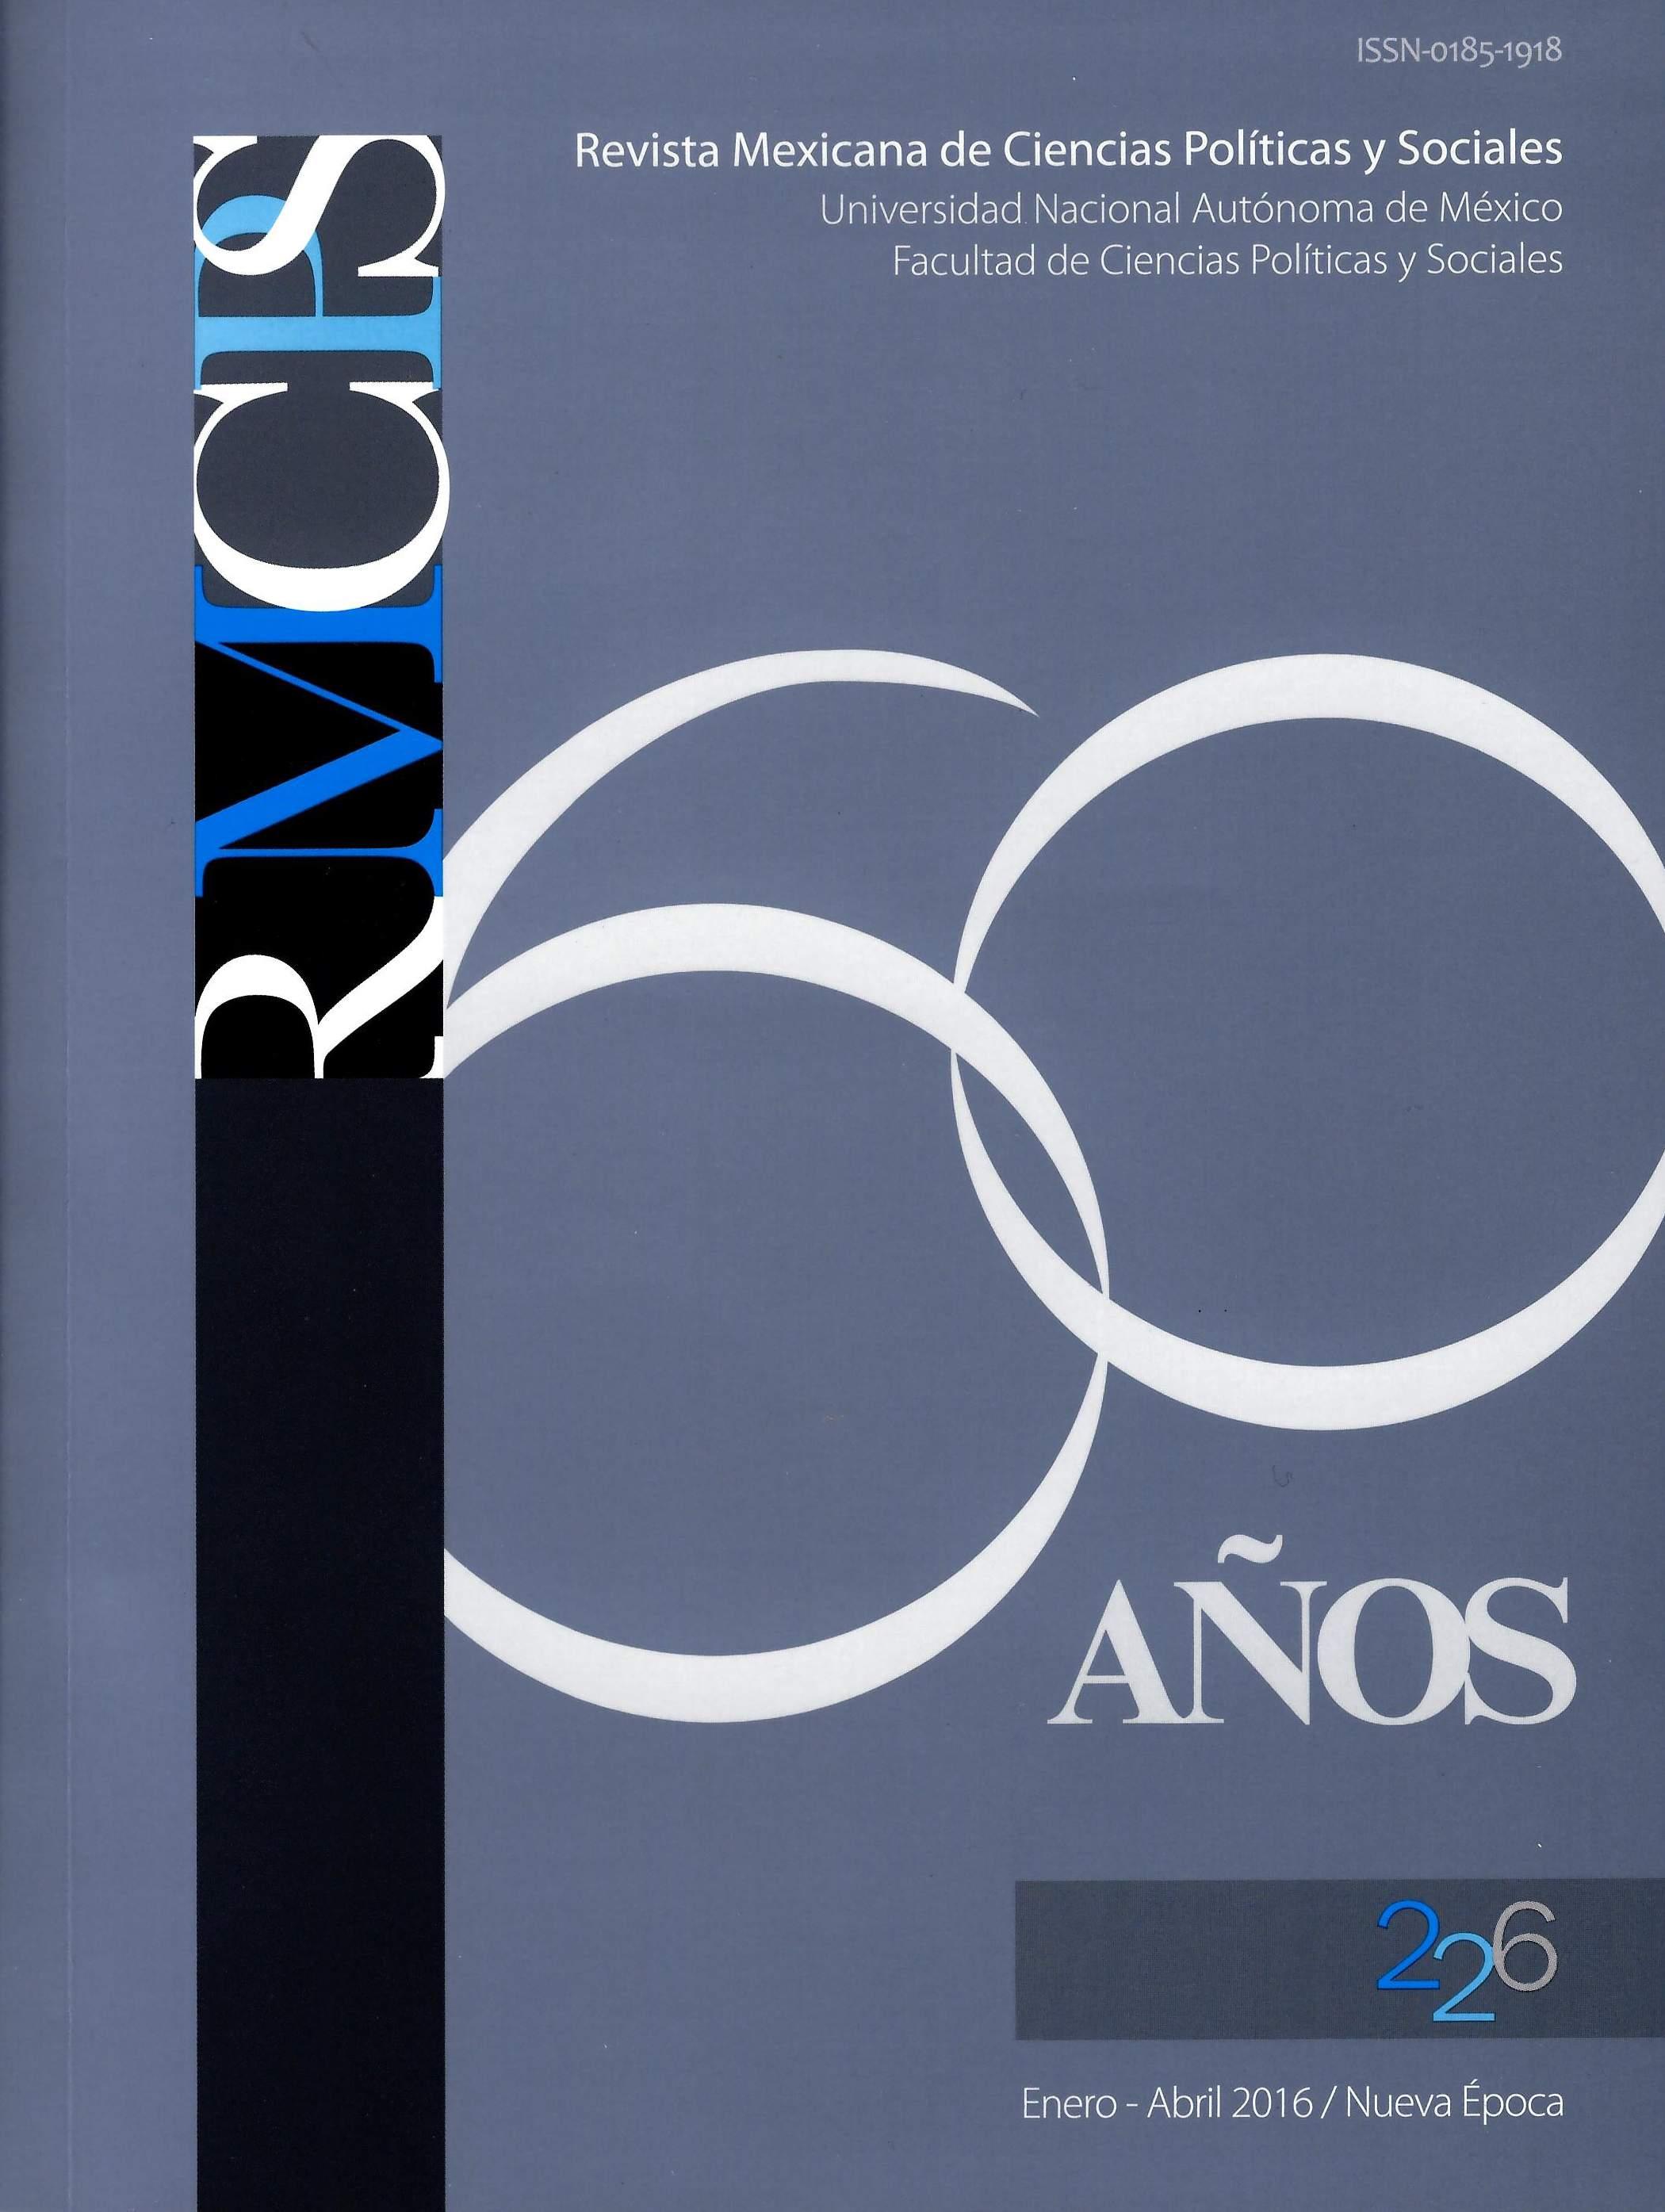 Revista mexicana de ciencias políticas y sociales 226, ene-abr, 2016